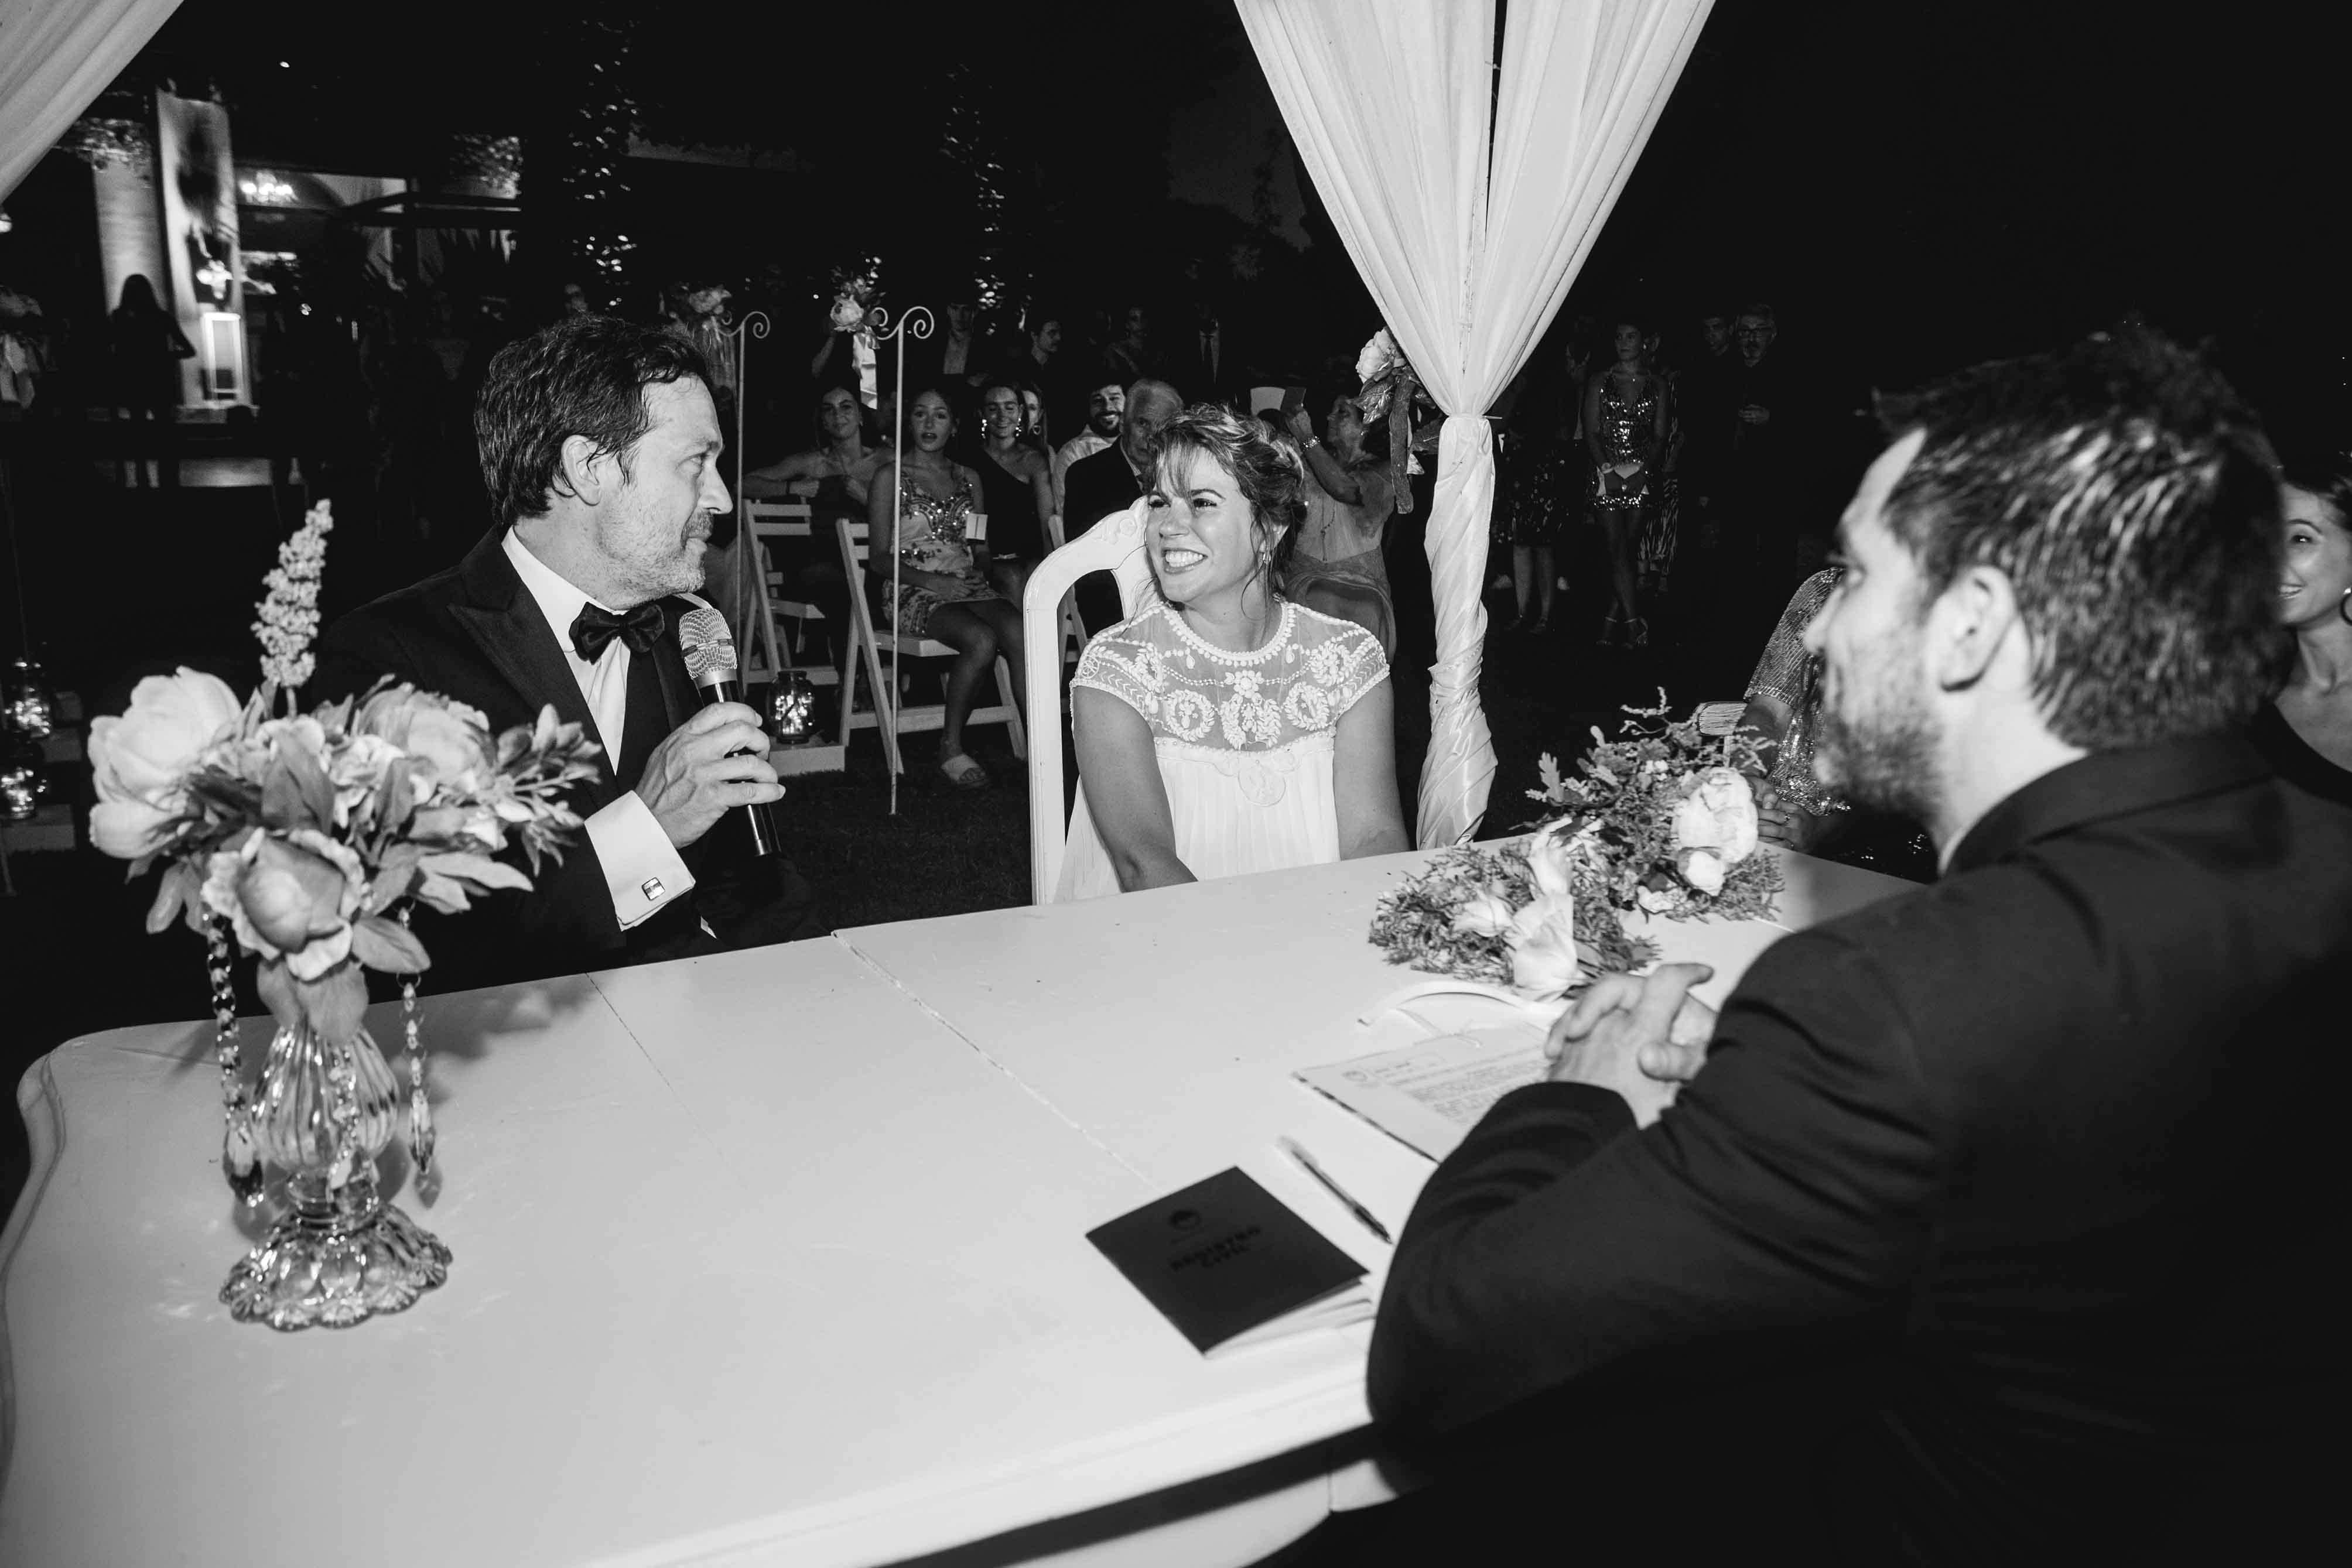 Fotos de la boda de Vicky y Fer en Rosario Realizadas por Bucle Fotografias Flor Bosio y Caro Clerici